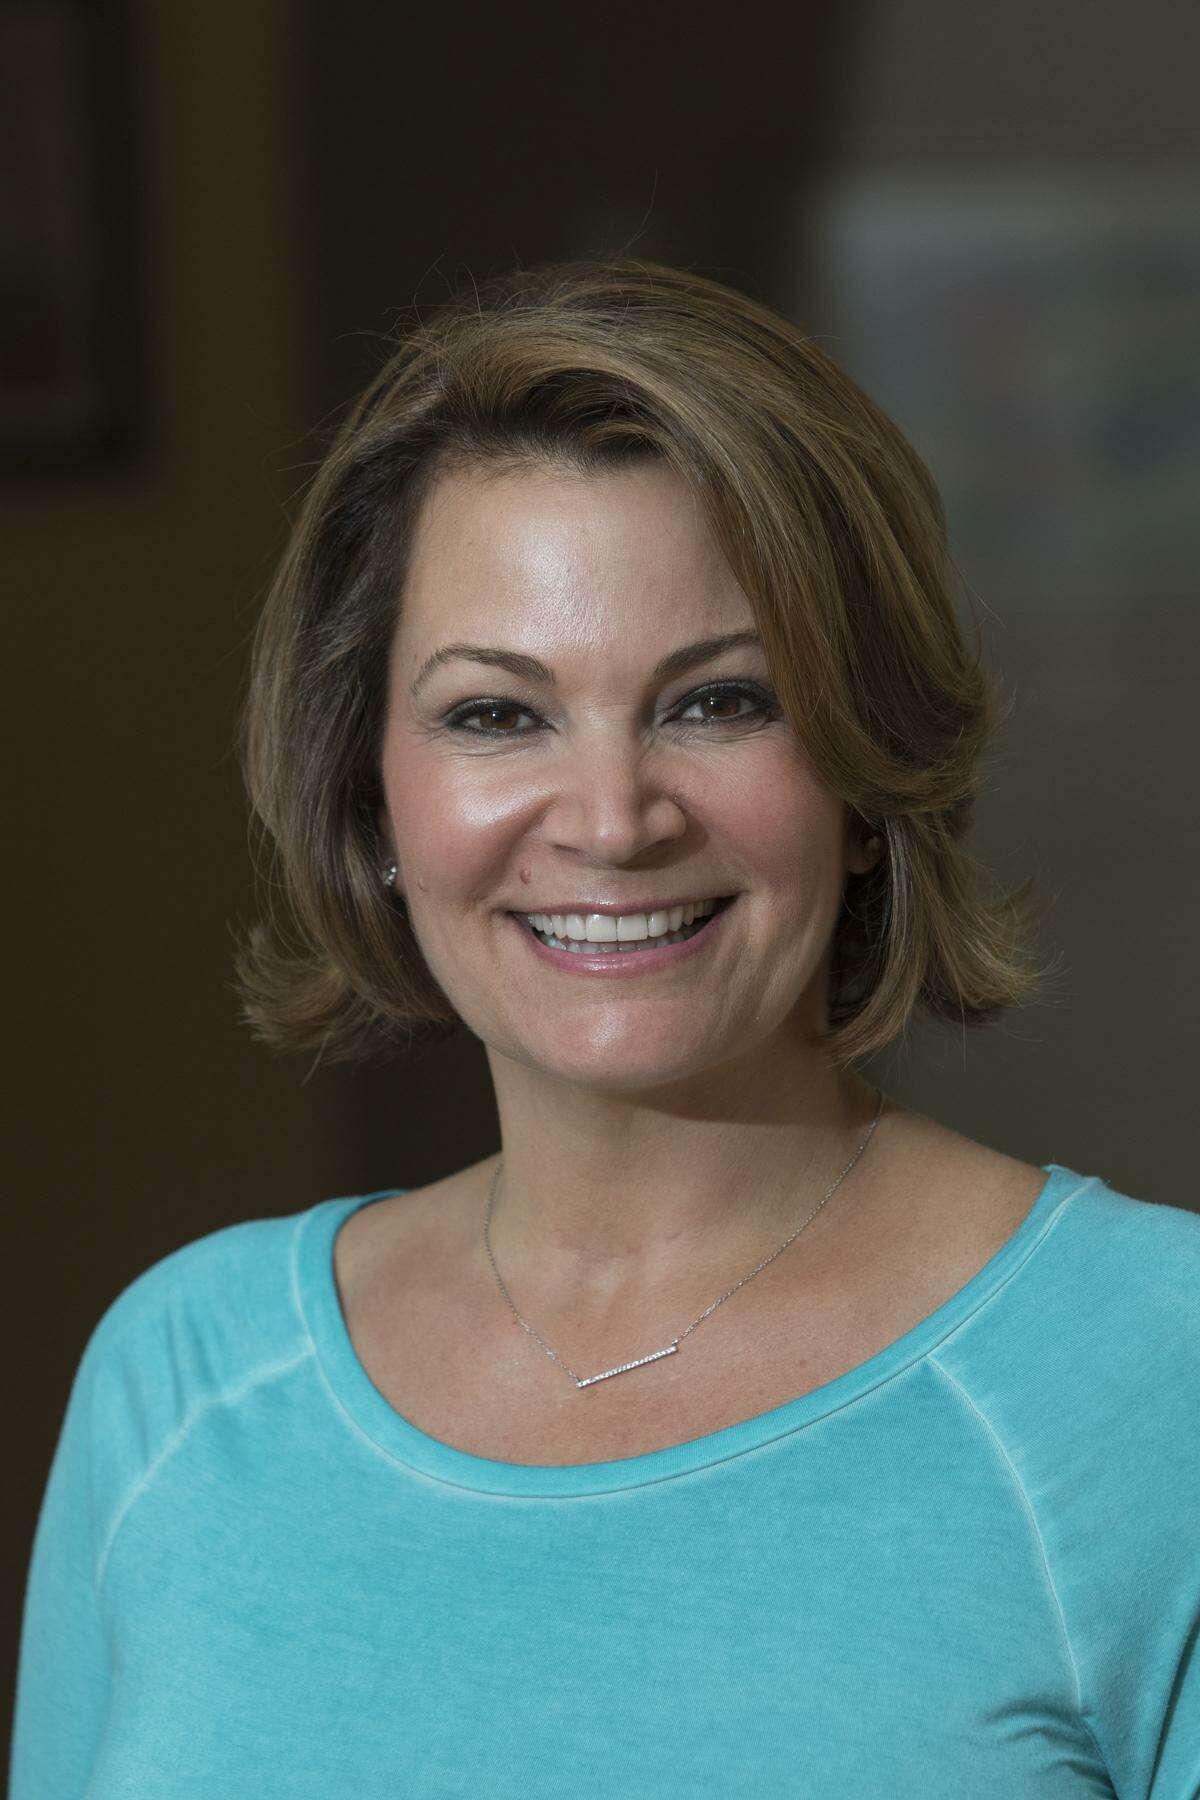 State Rep. Nicole Klarides-Ditria